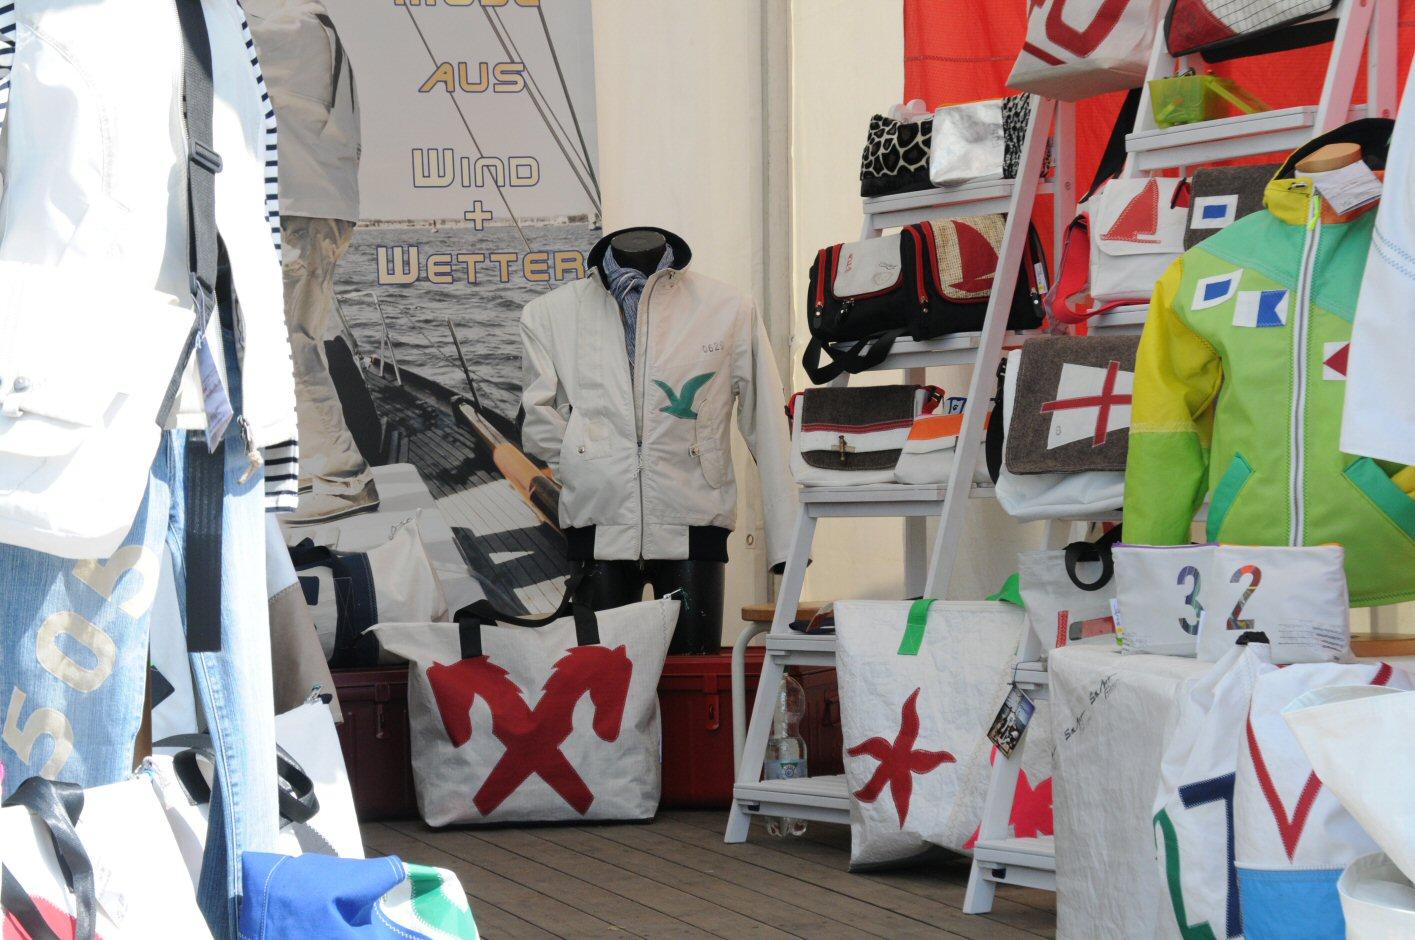 sailart fashion Segeltuchmode für Männer und Frauen aus gesegeltem Segel